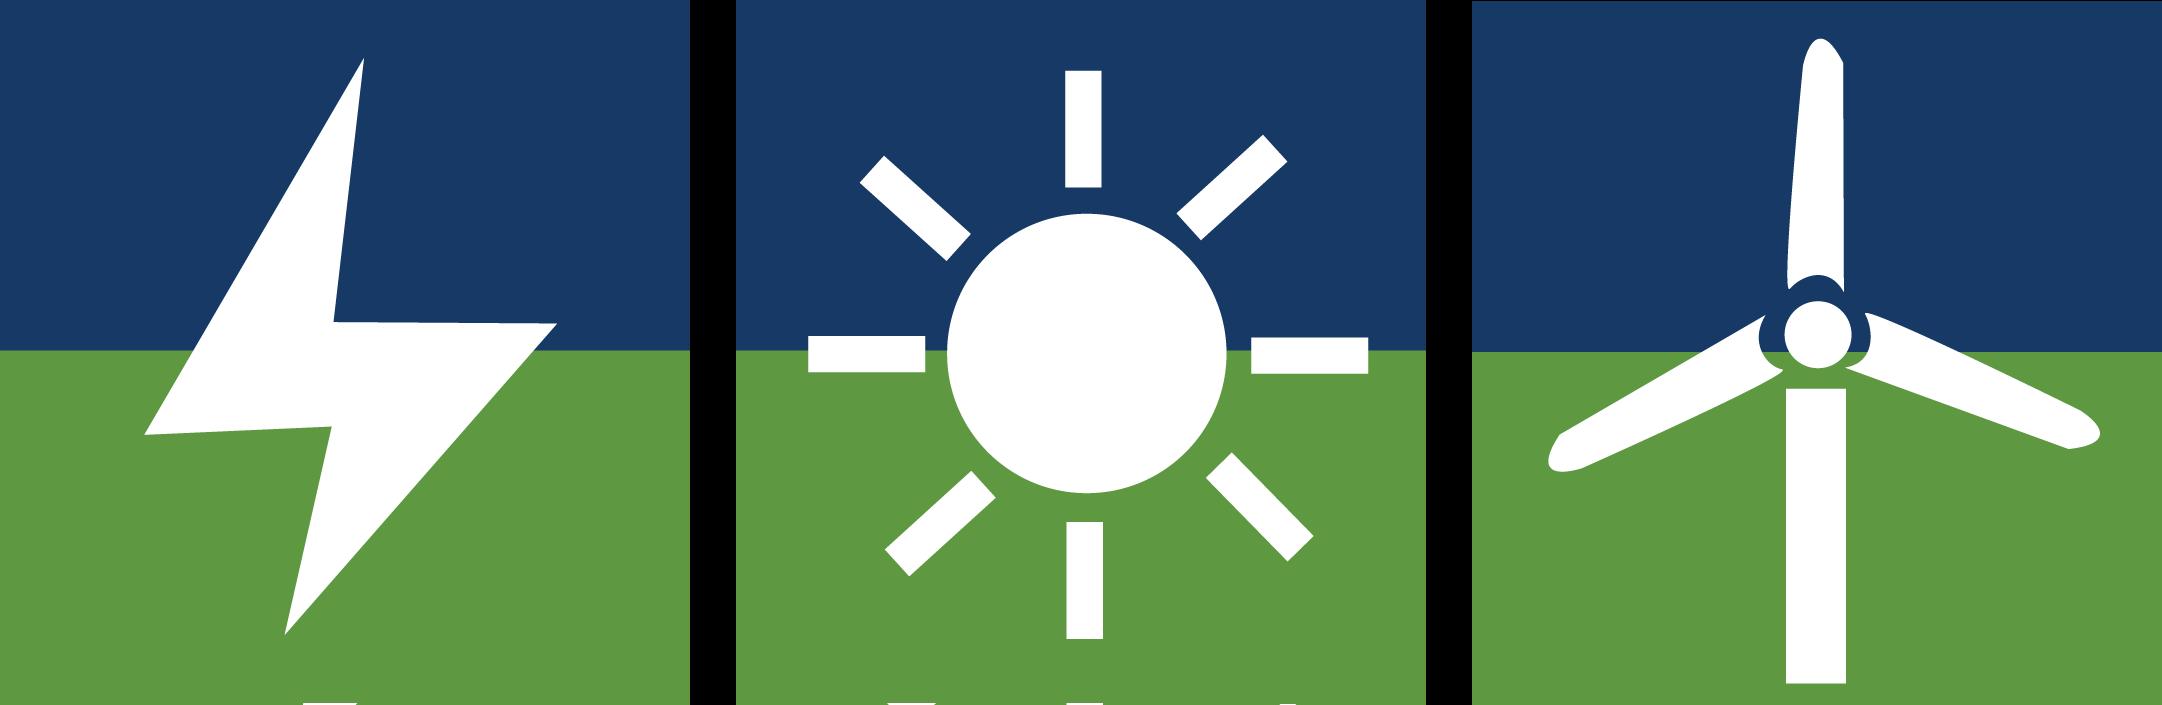 VWAC logo